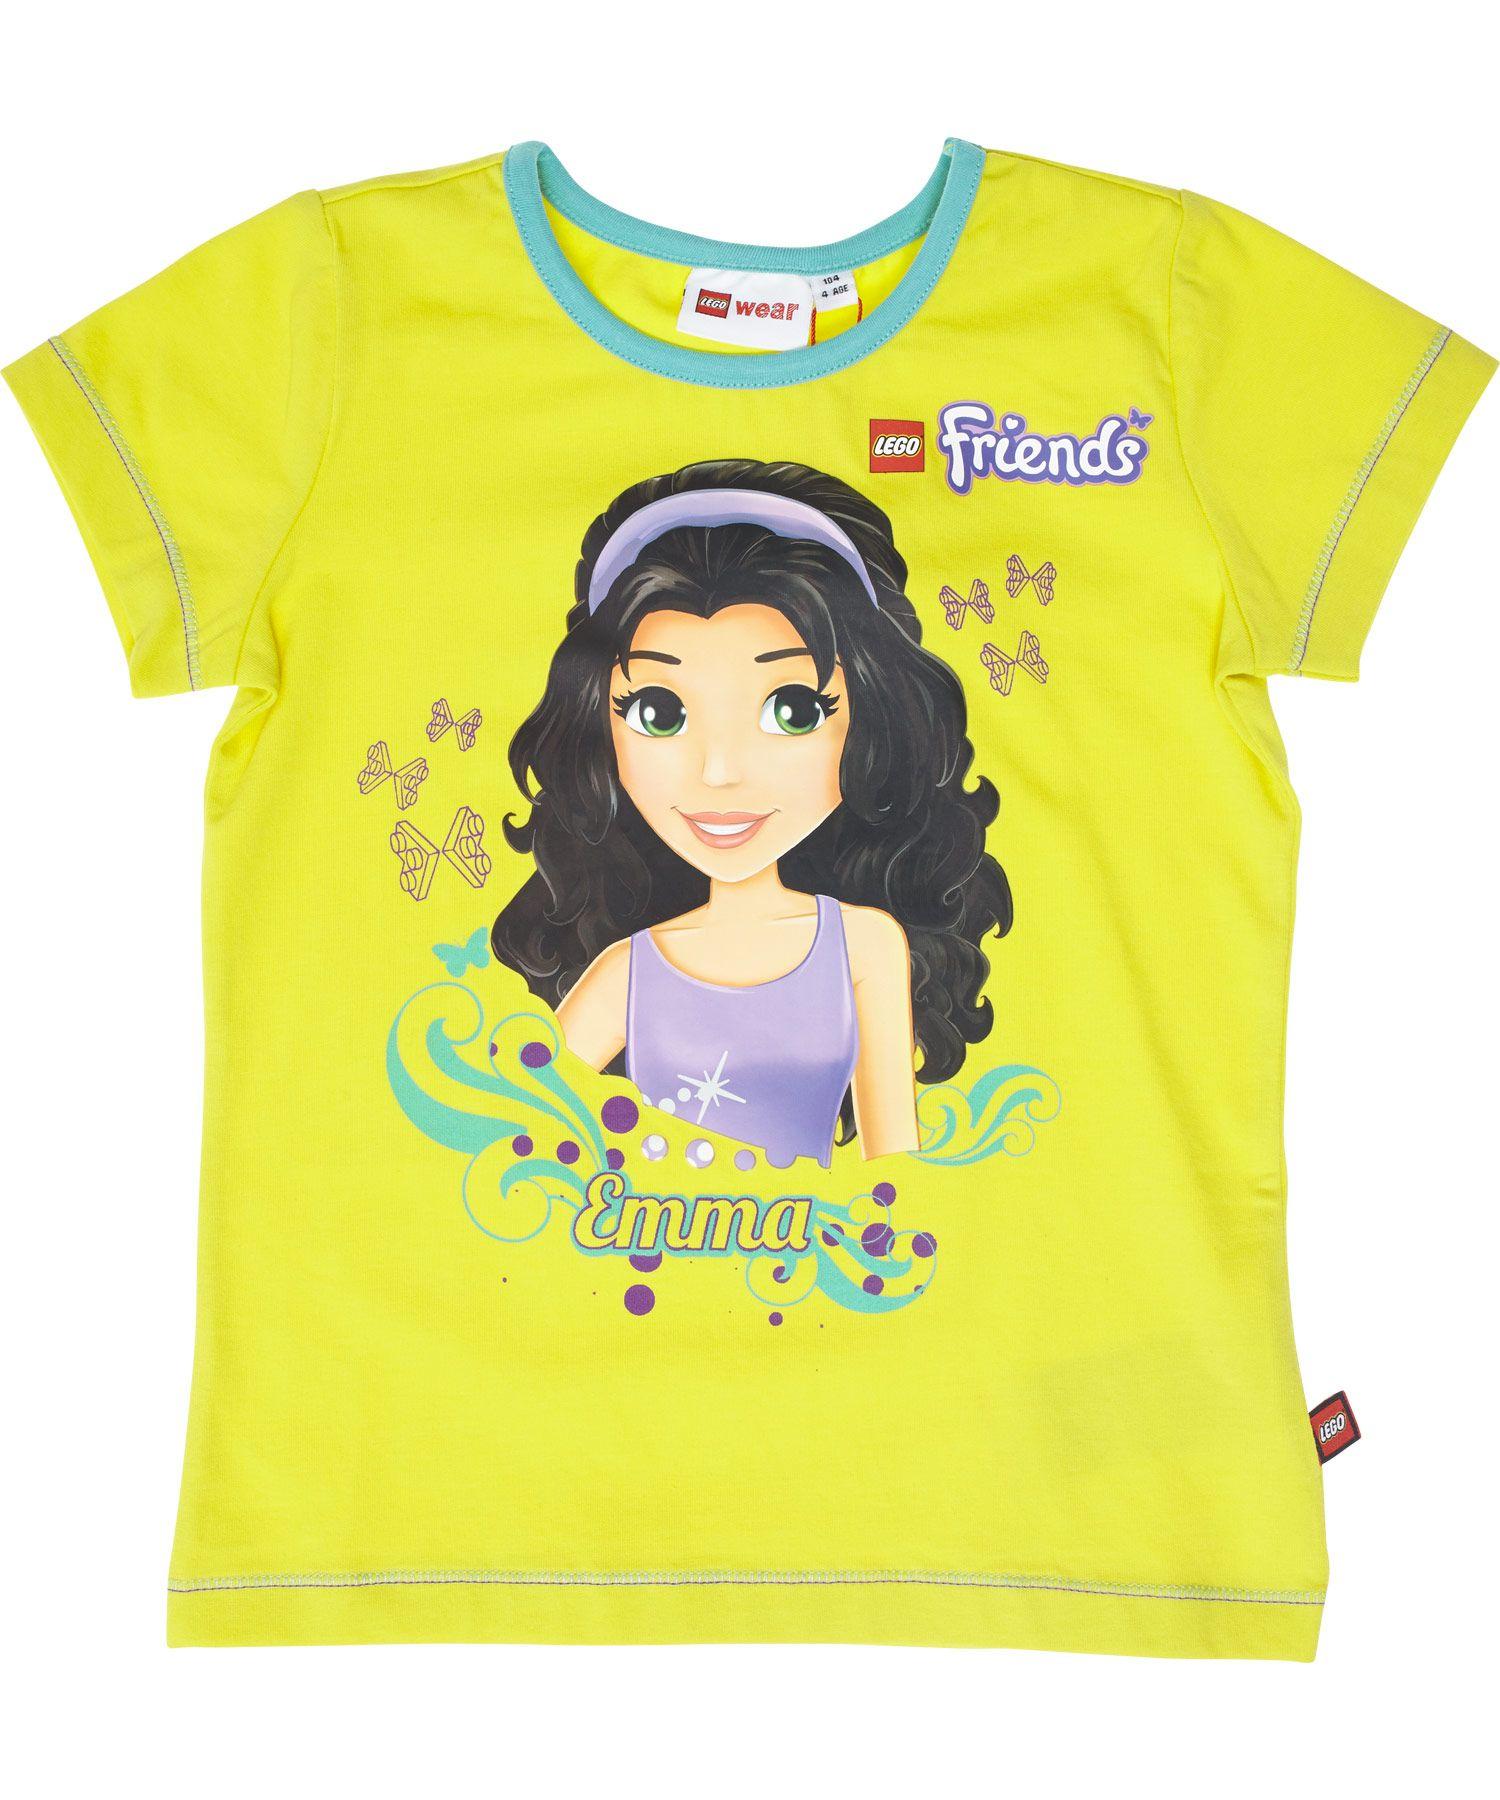 Nieuw Lego Friends Felgele T Shirt Voor Emma Fans Tasja Lego Friends Summer Tshirts Funky Kids